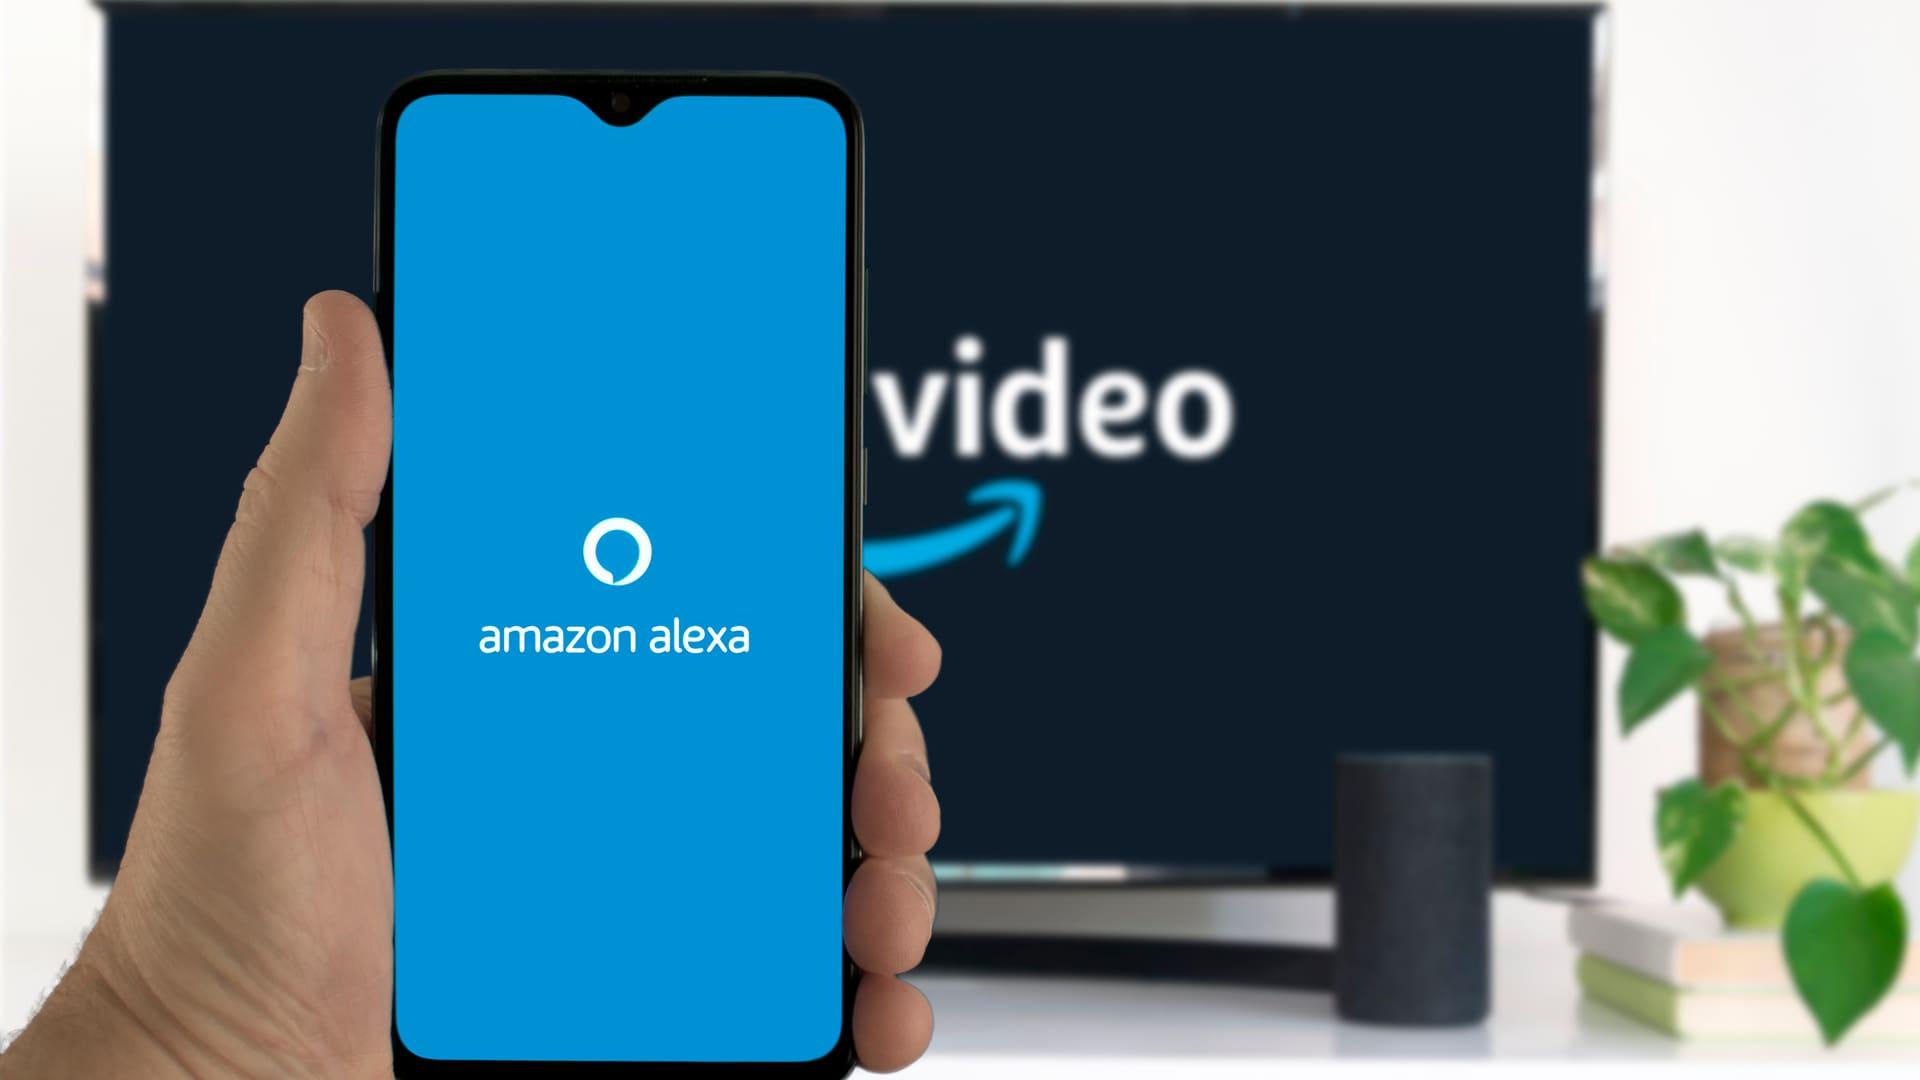 A Alexa é a assistente virtual da Amazon, um dos serviços oferecidos por TVs com inteligência artificial. (Imagem: Reprodução/Shutterstock)